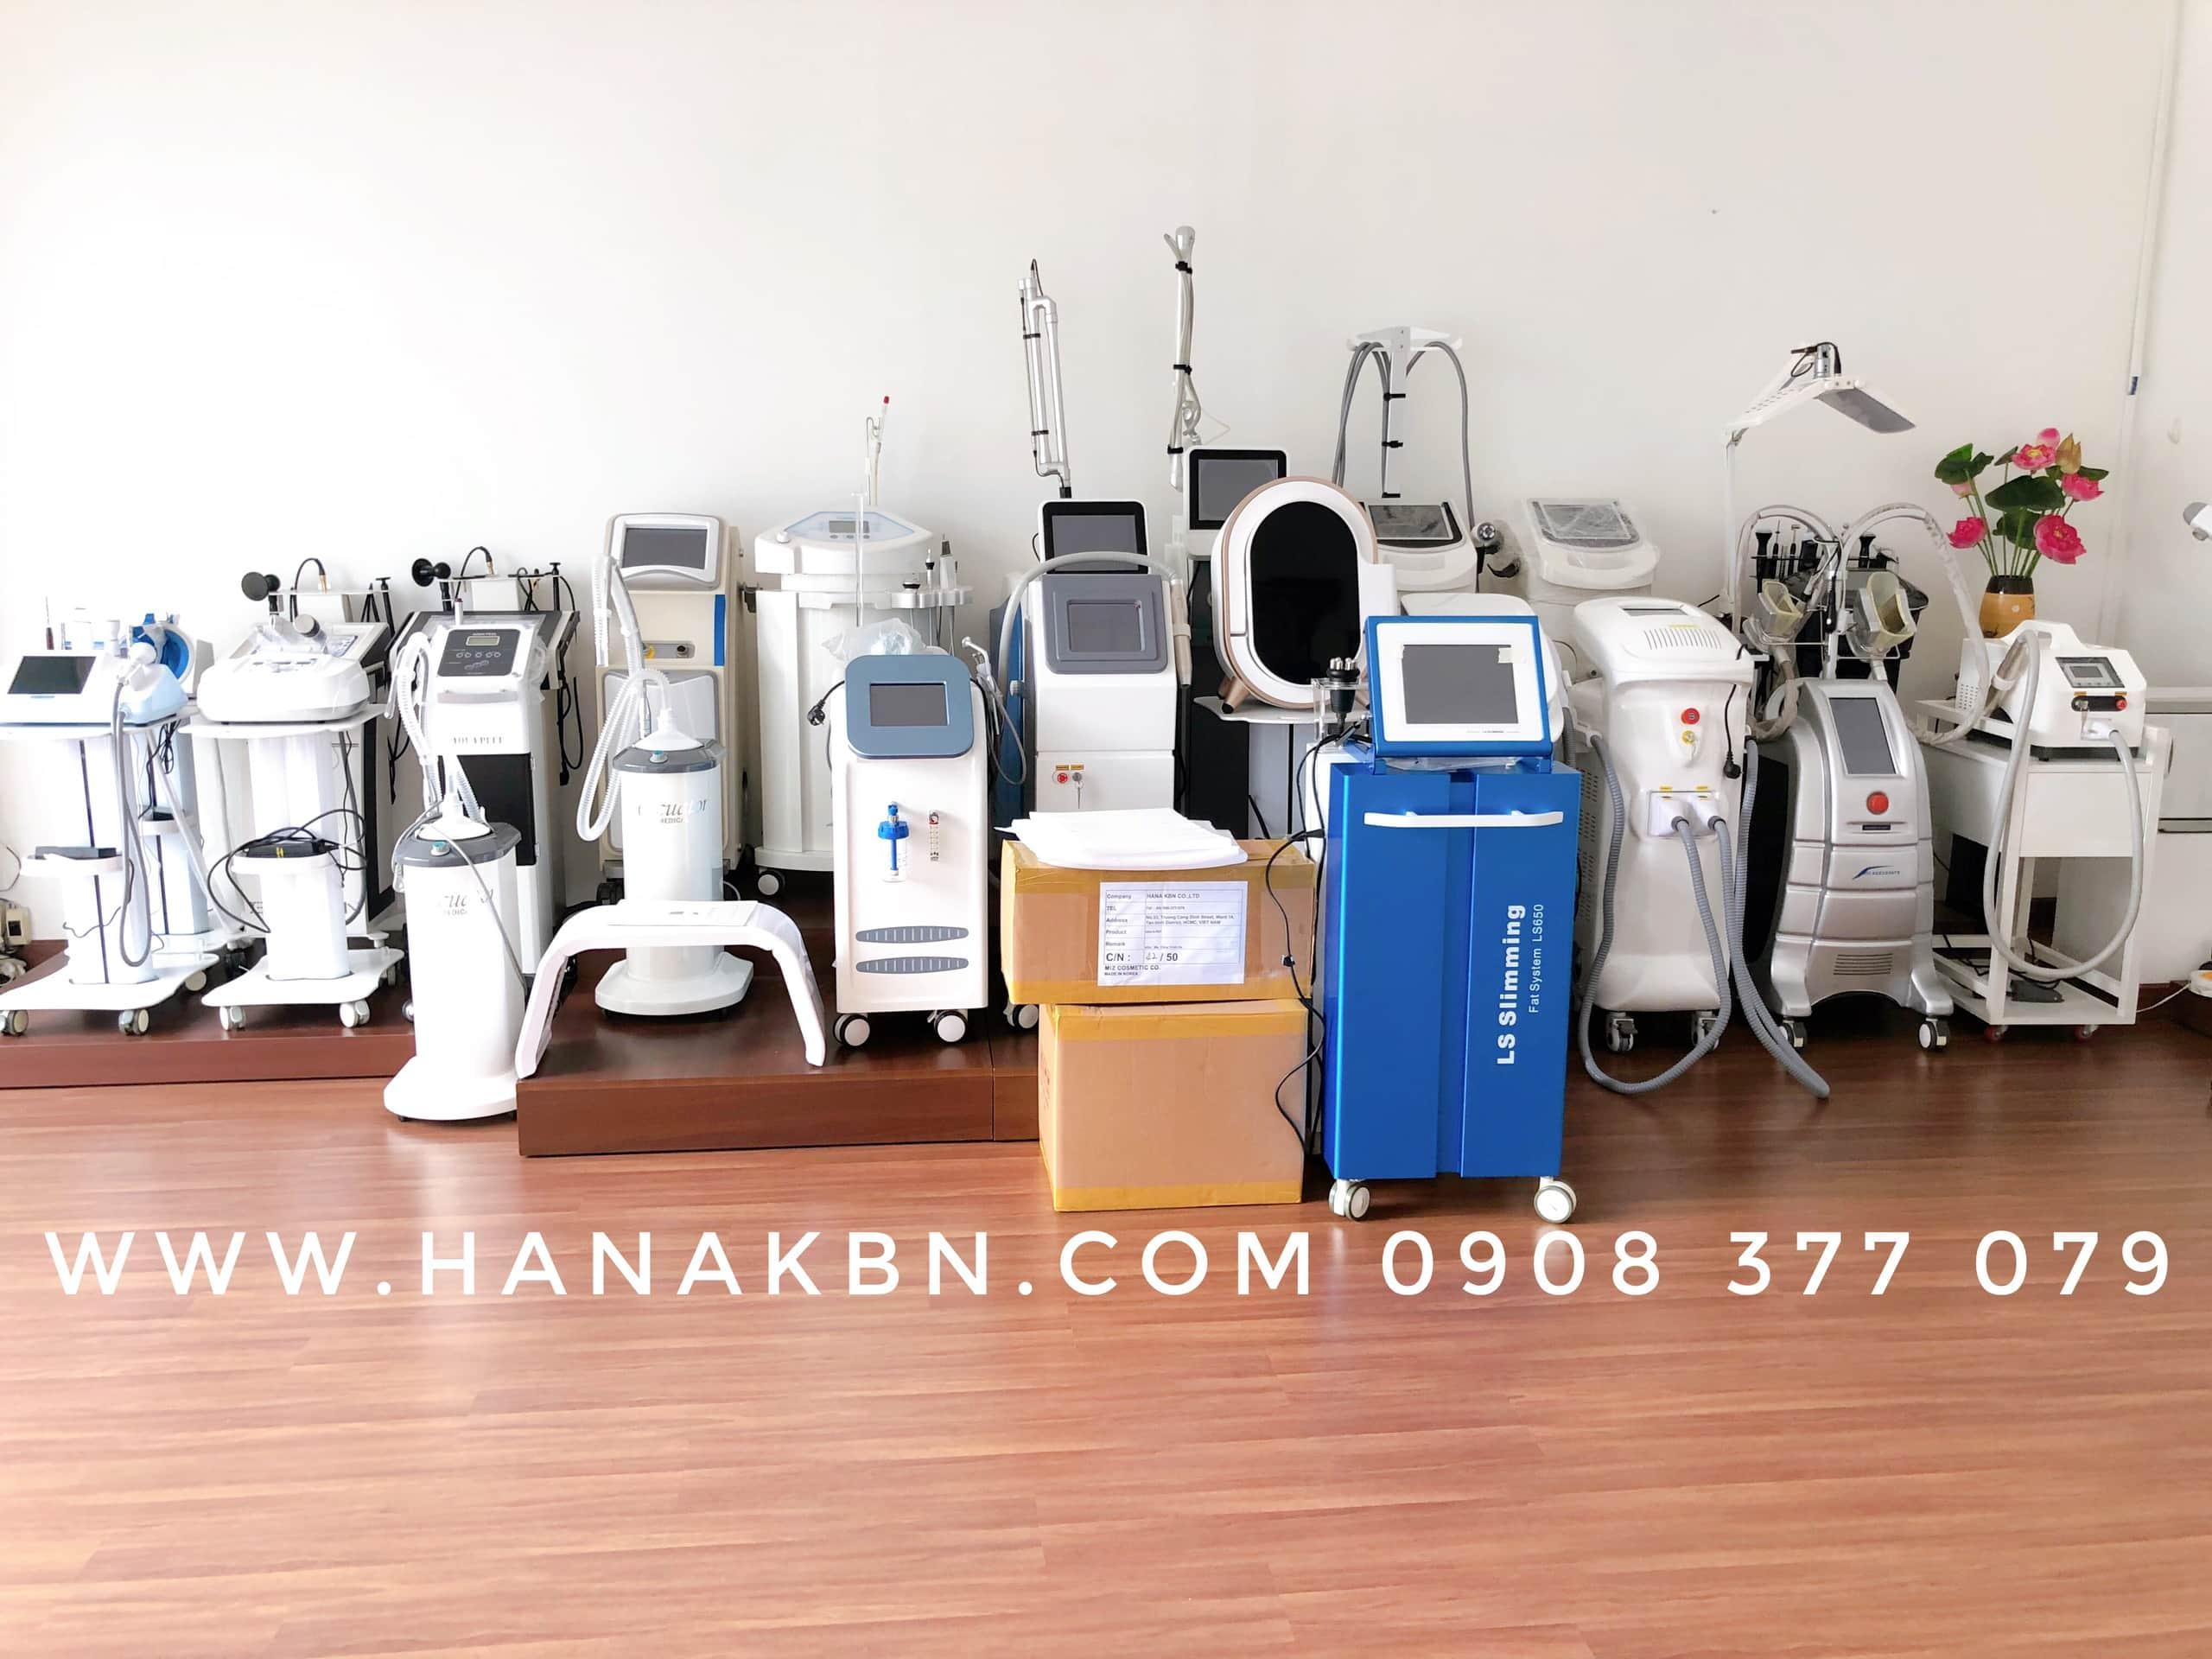 Hình ảnh thiết bị spa chính hãng tại công ty Hana Kim Bách Nguyên